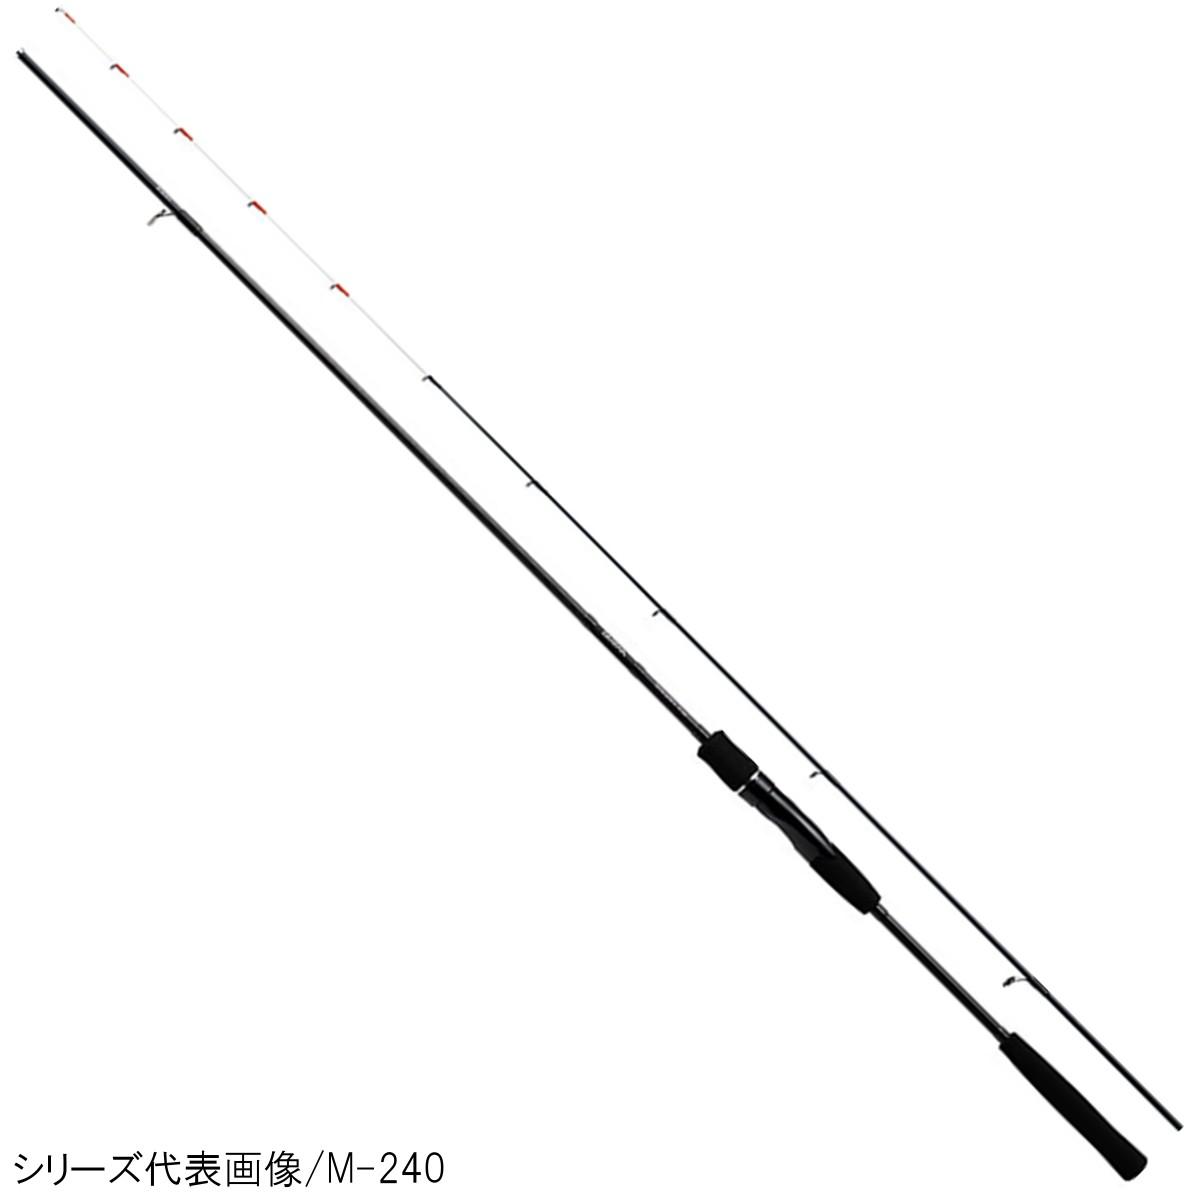 ダイワ テンヤゲーム X MH-240【送料無料】